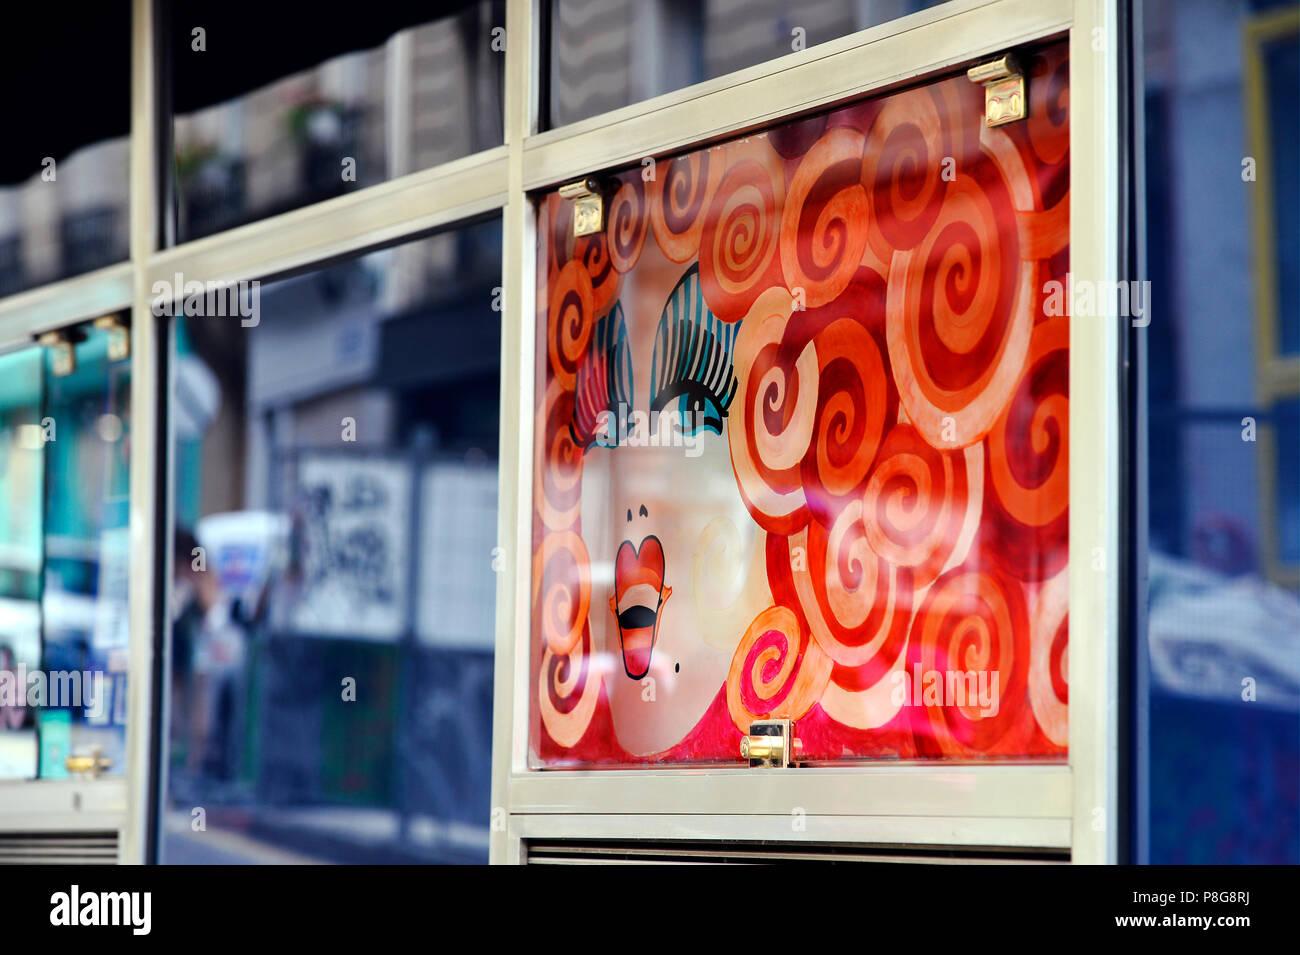 Chez Michou Cabaret - Rue des Martyrs - Paris - France - Stock Image